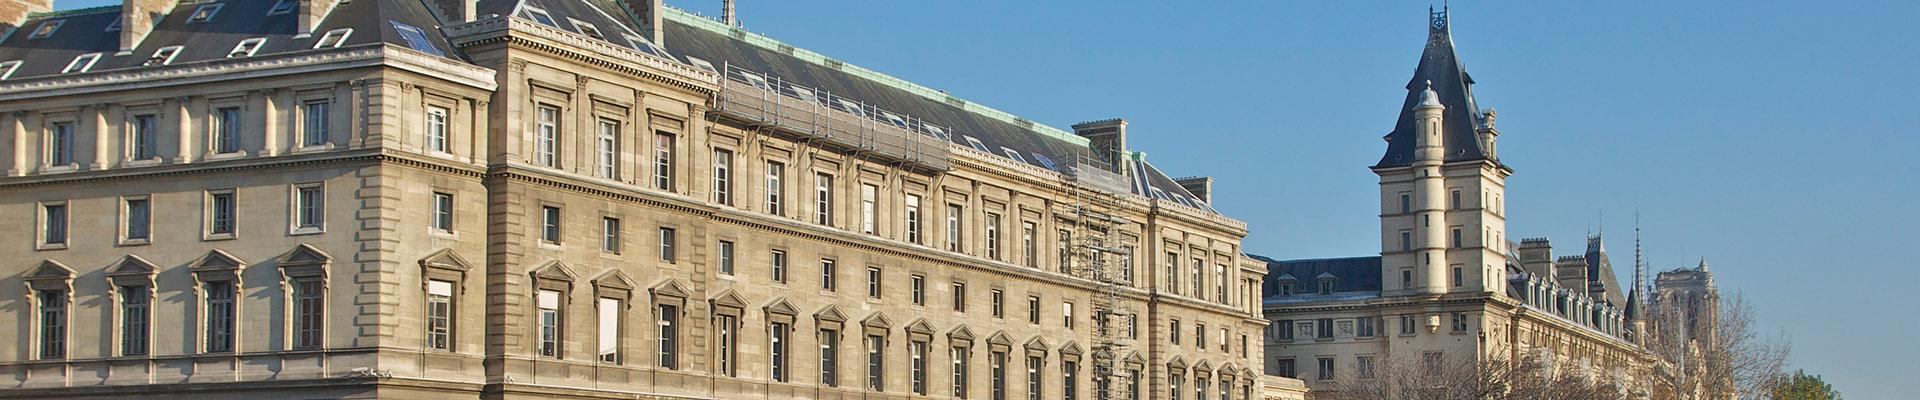 Le 4ème arrondissement de Paris, un espace en plein développement